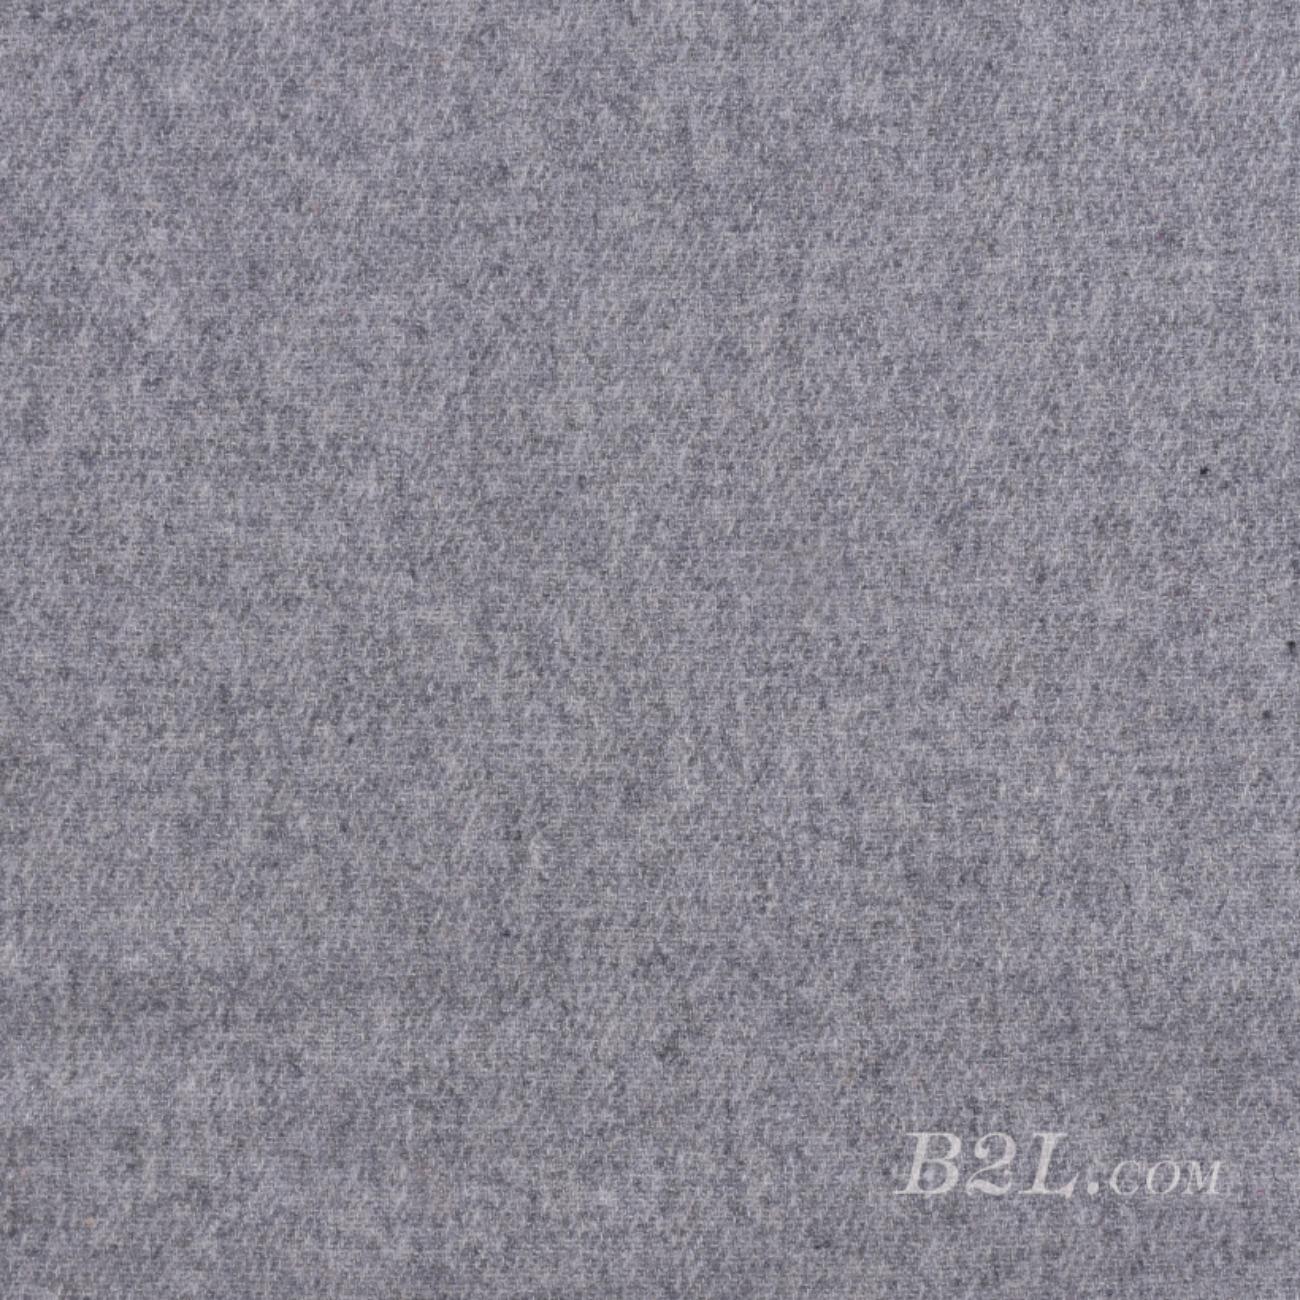 梭织染色素色斜纹毛纺面料-春秋冬连衣裙半身裙外套大衣面料S1188